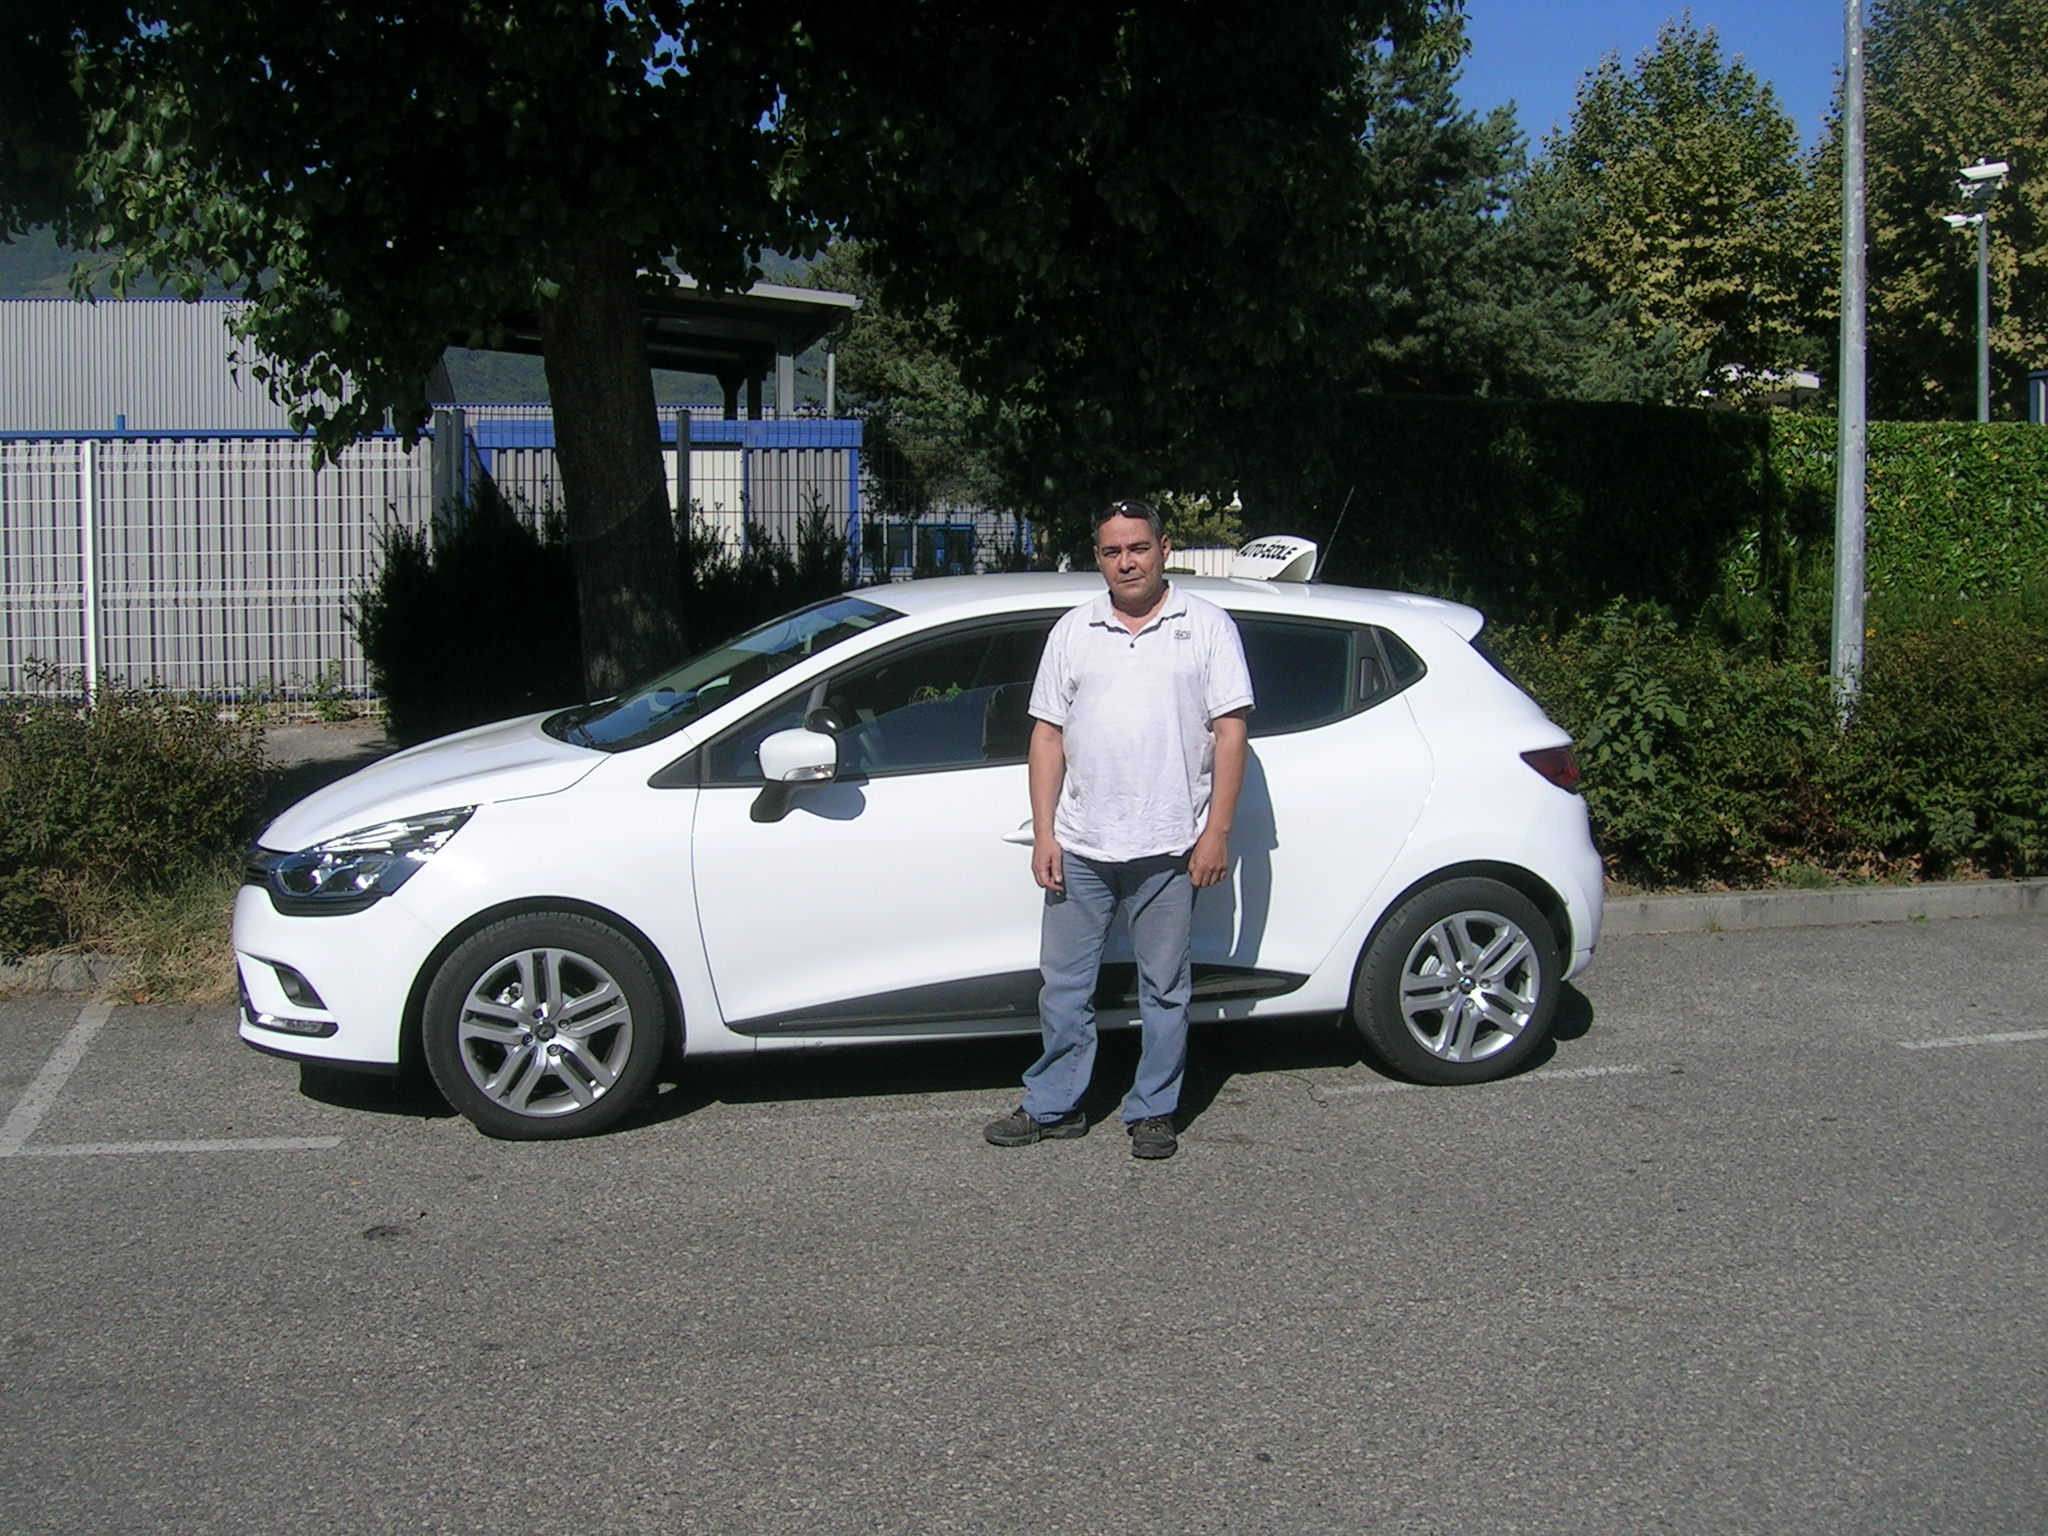 Entrevue avec Ahmed, enseignant de la conduite à Grenoble